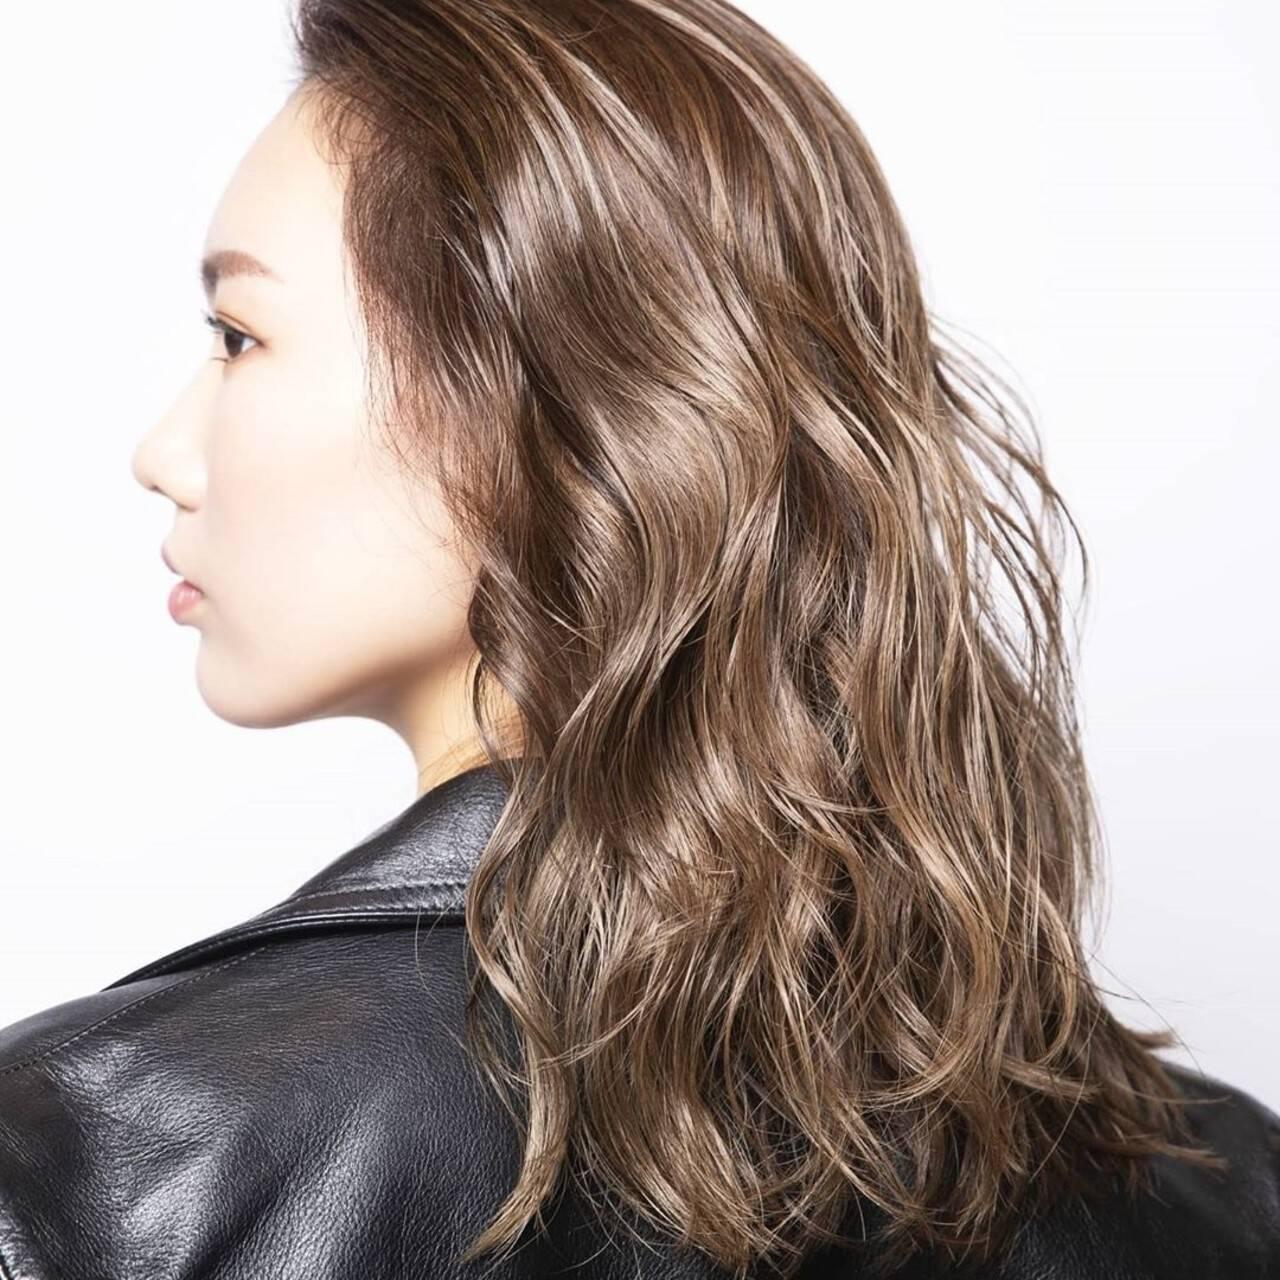 バレイヤージュ ミルクティーグレージュ グラデーションカラー ベージュヘアスタイルや髪型の写真・画像